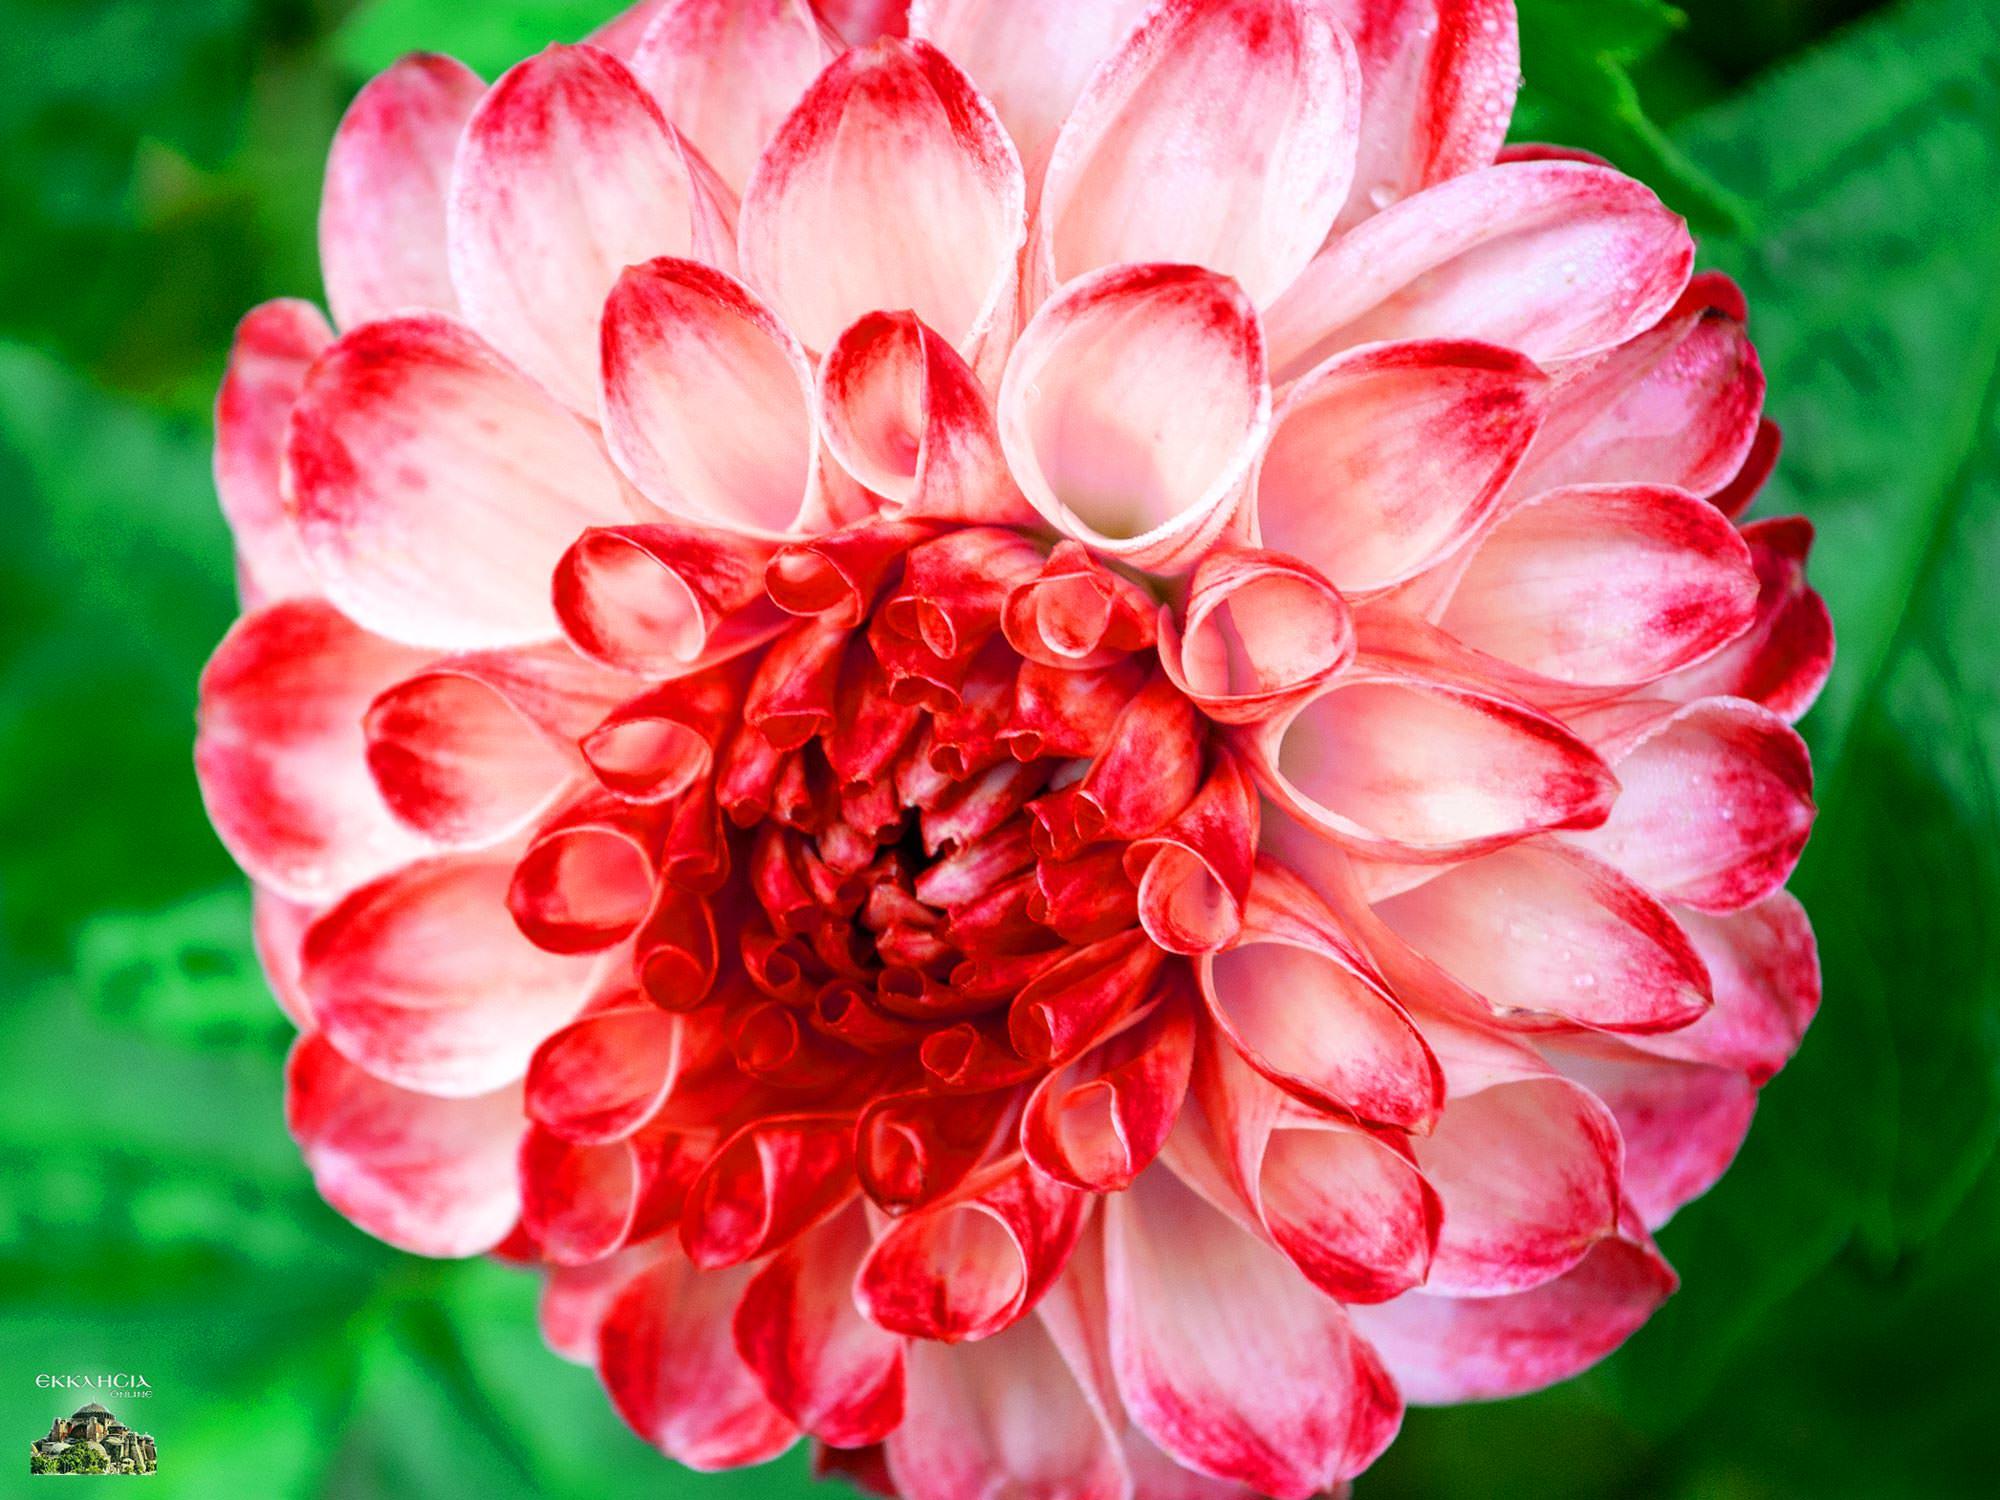 Γιορτή σήμερα κόκκινο λουλούδι